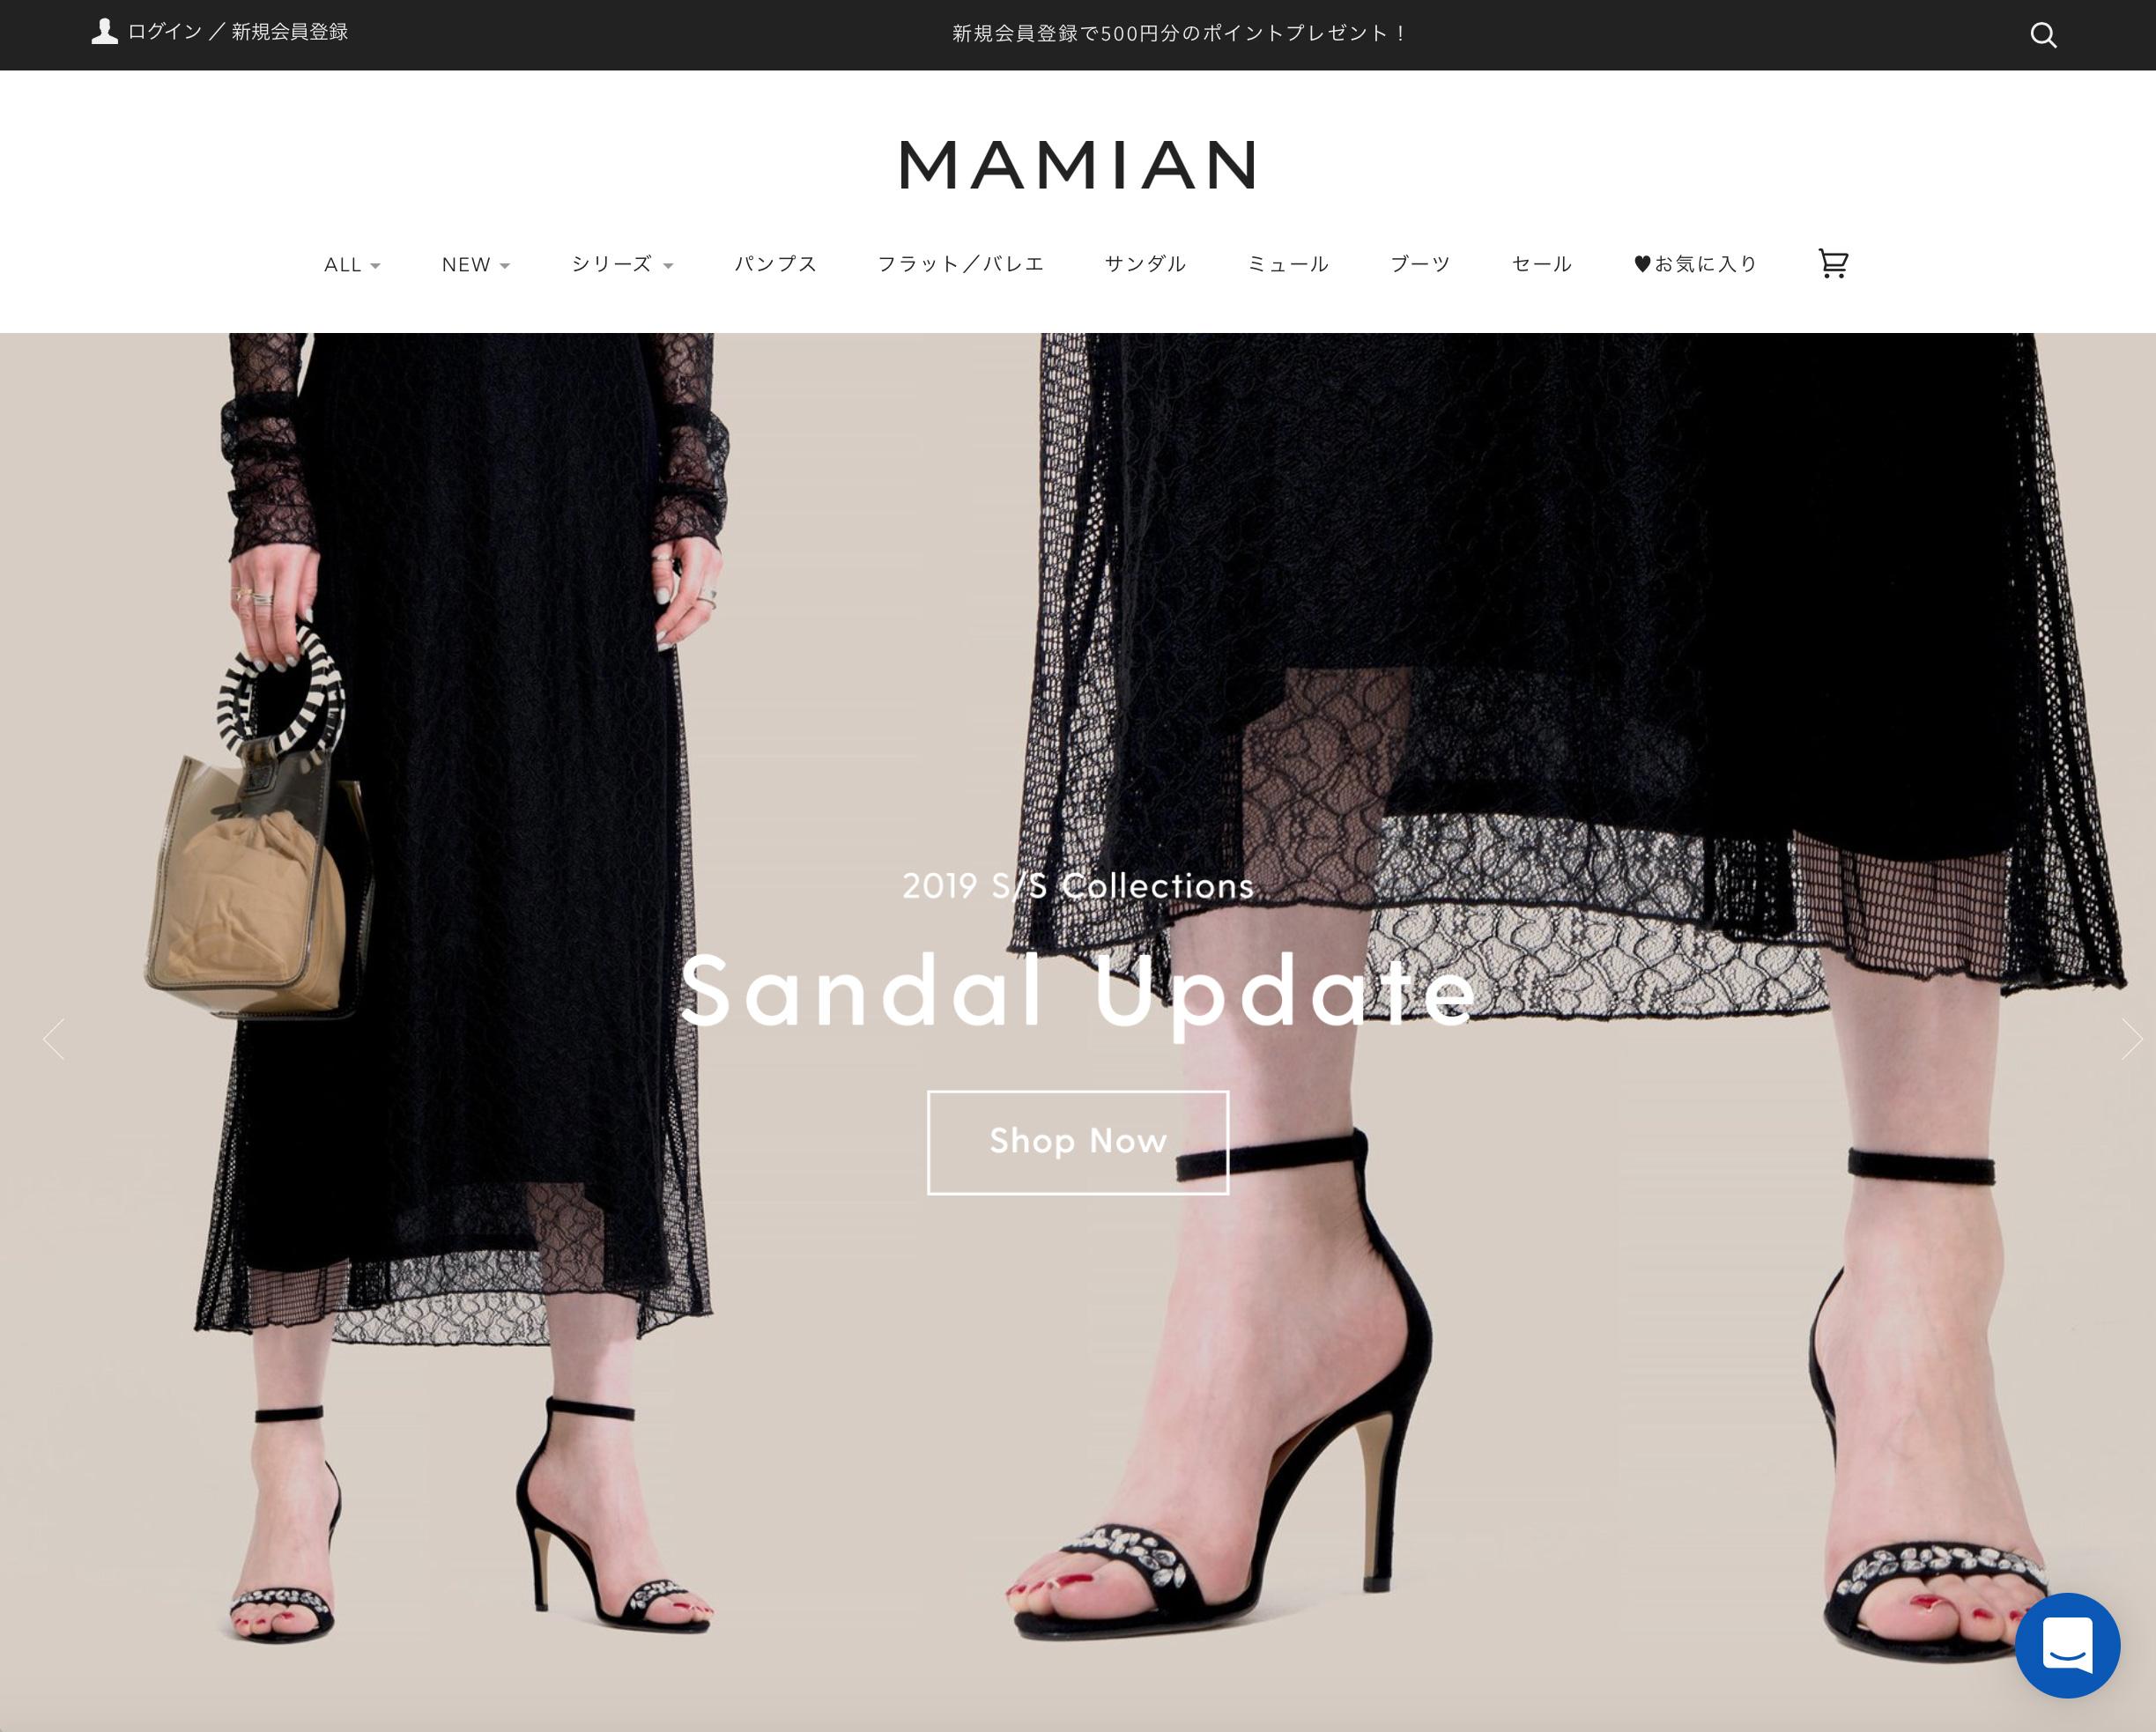 株式会社マミアン 「 MAMIAN オフィシャル通販サイト 」サイトの作成代行  https://www.mamian.co.jp